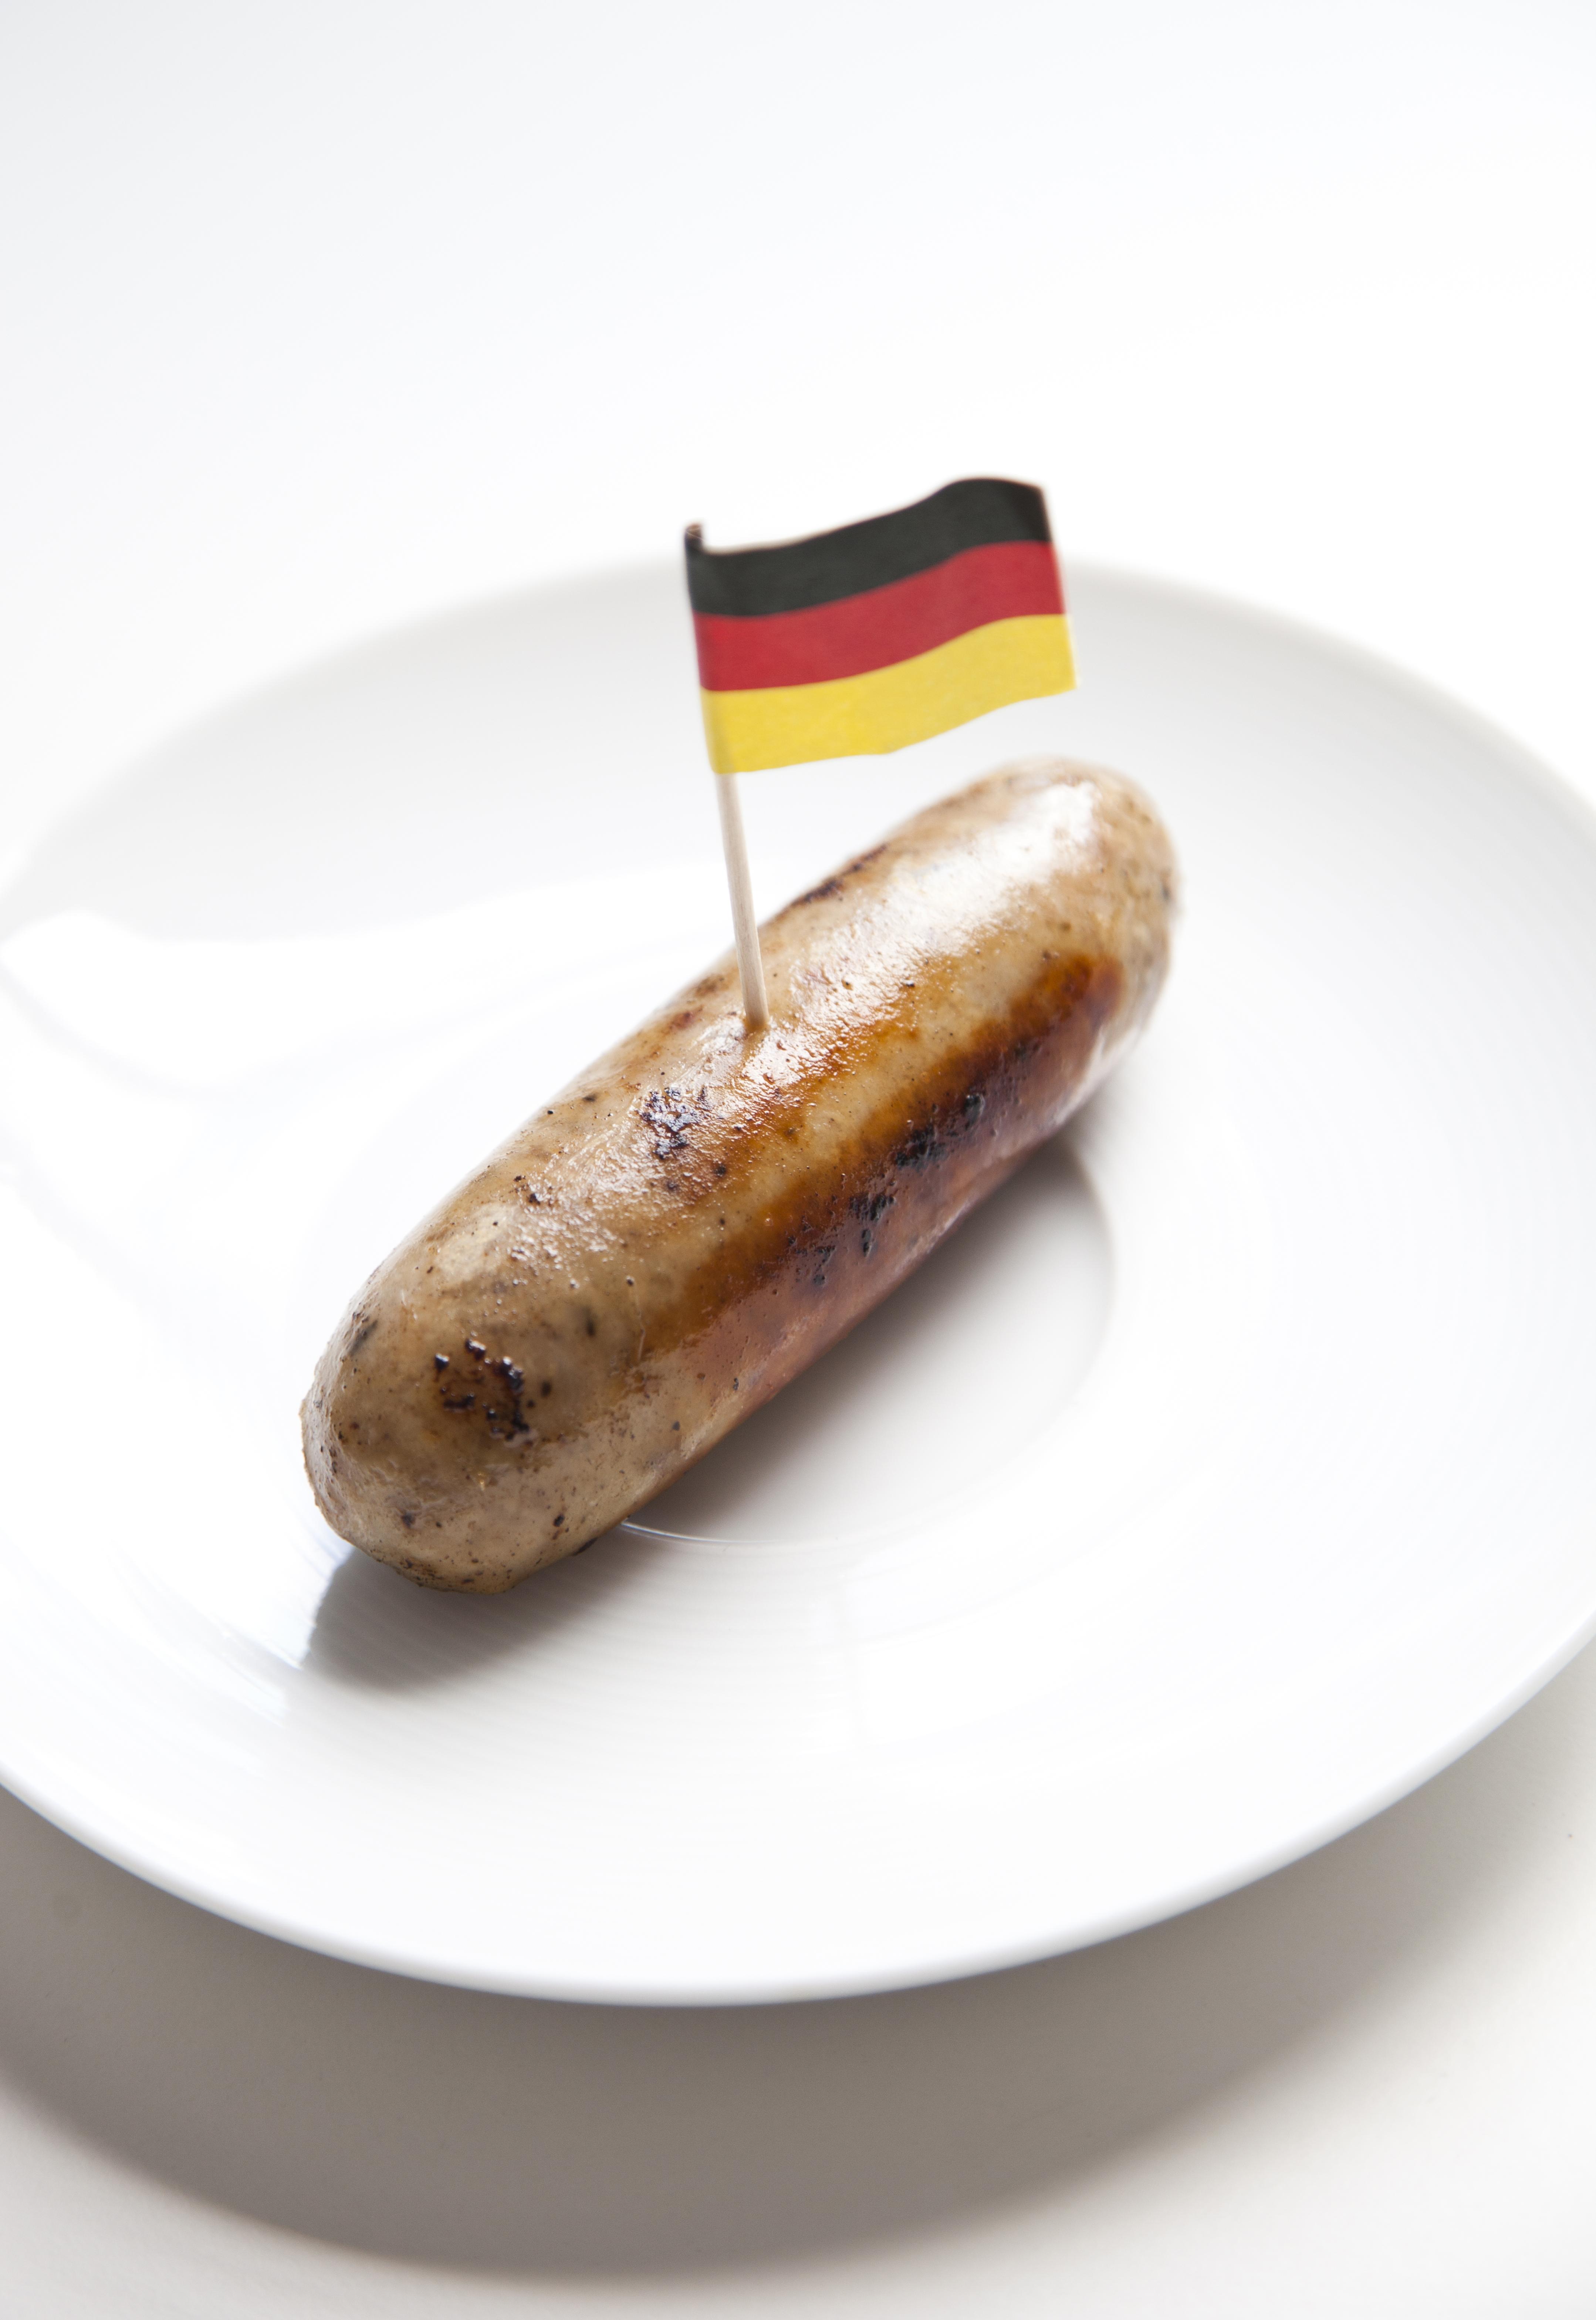 Beliebte Gerichte in Deutschland